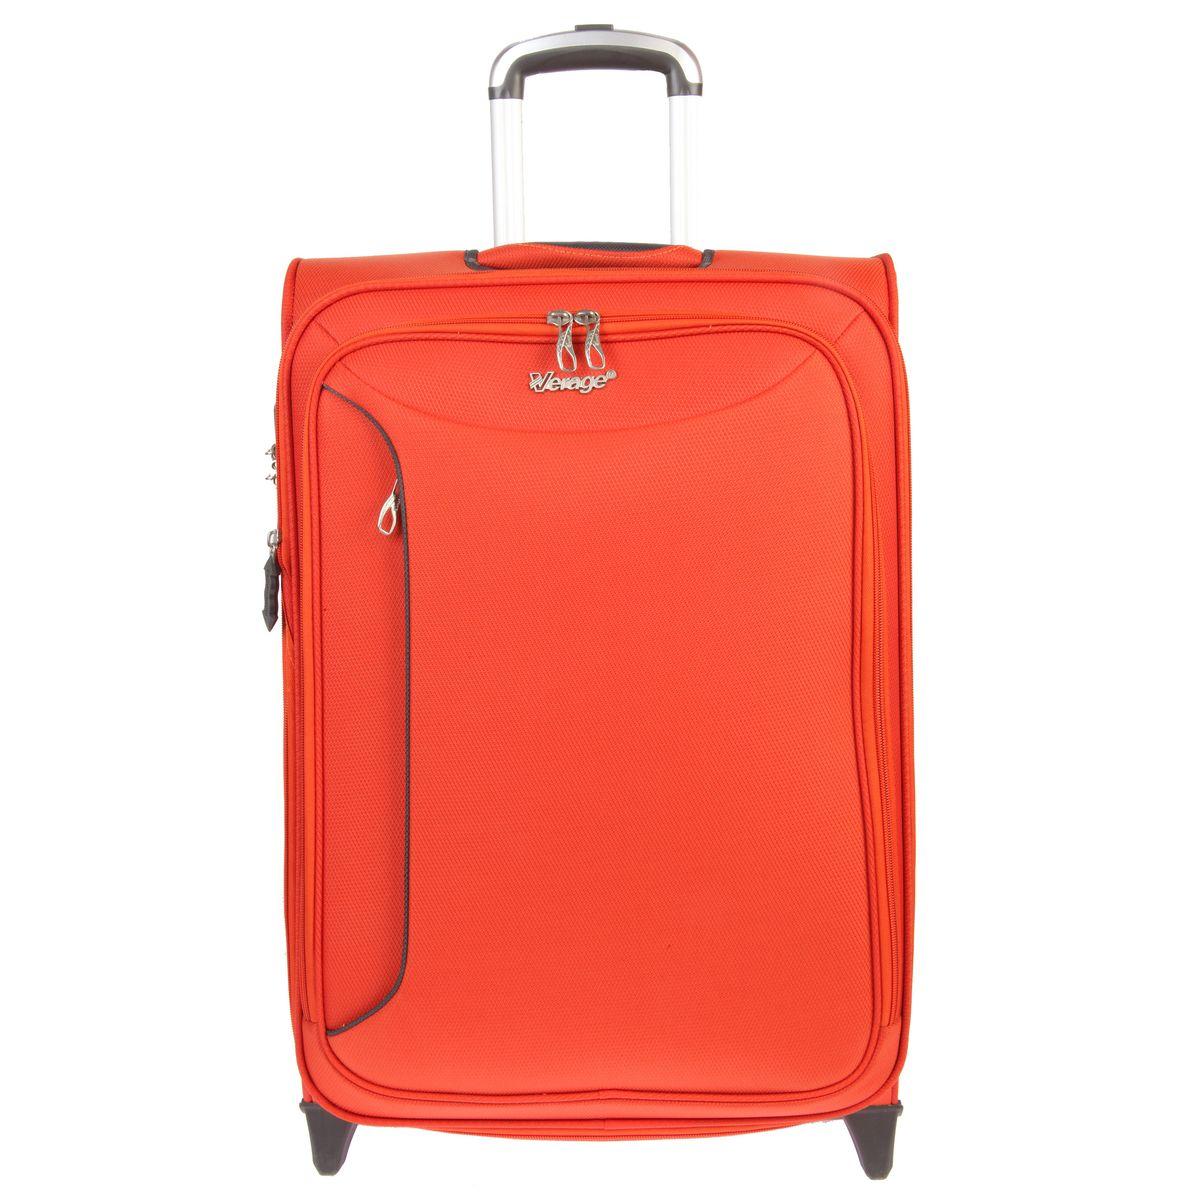 Чемодан-тележка Verage, цвет: оранжевый, 58 л. GM12091T 24GM12091T 24 orangeЧемодан-тележка Verage оснащен верхней ручкой и двумя колесиками для удобства транспортировки. Закрывается по периметру на двухстороннюю молнию. Внутри один отдел для одежды и один сетчатый карман на молнии. Снаружи на передней стенке расположены два кармана на молнии. За счет молнии возможно увеличить объем на 20%. Имеется дополнительно встроенный кодовый замок с функцией TSA. Сверху также расположена выдвижная ручка высотой 46 см.